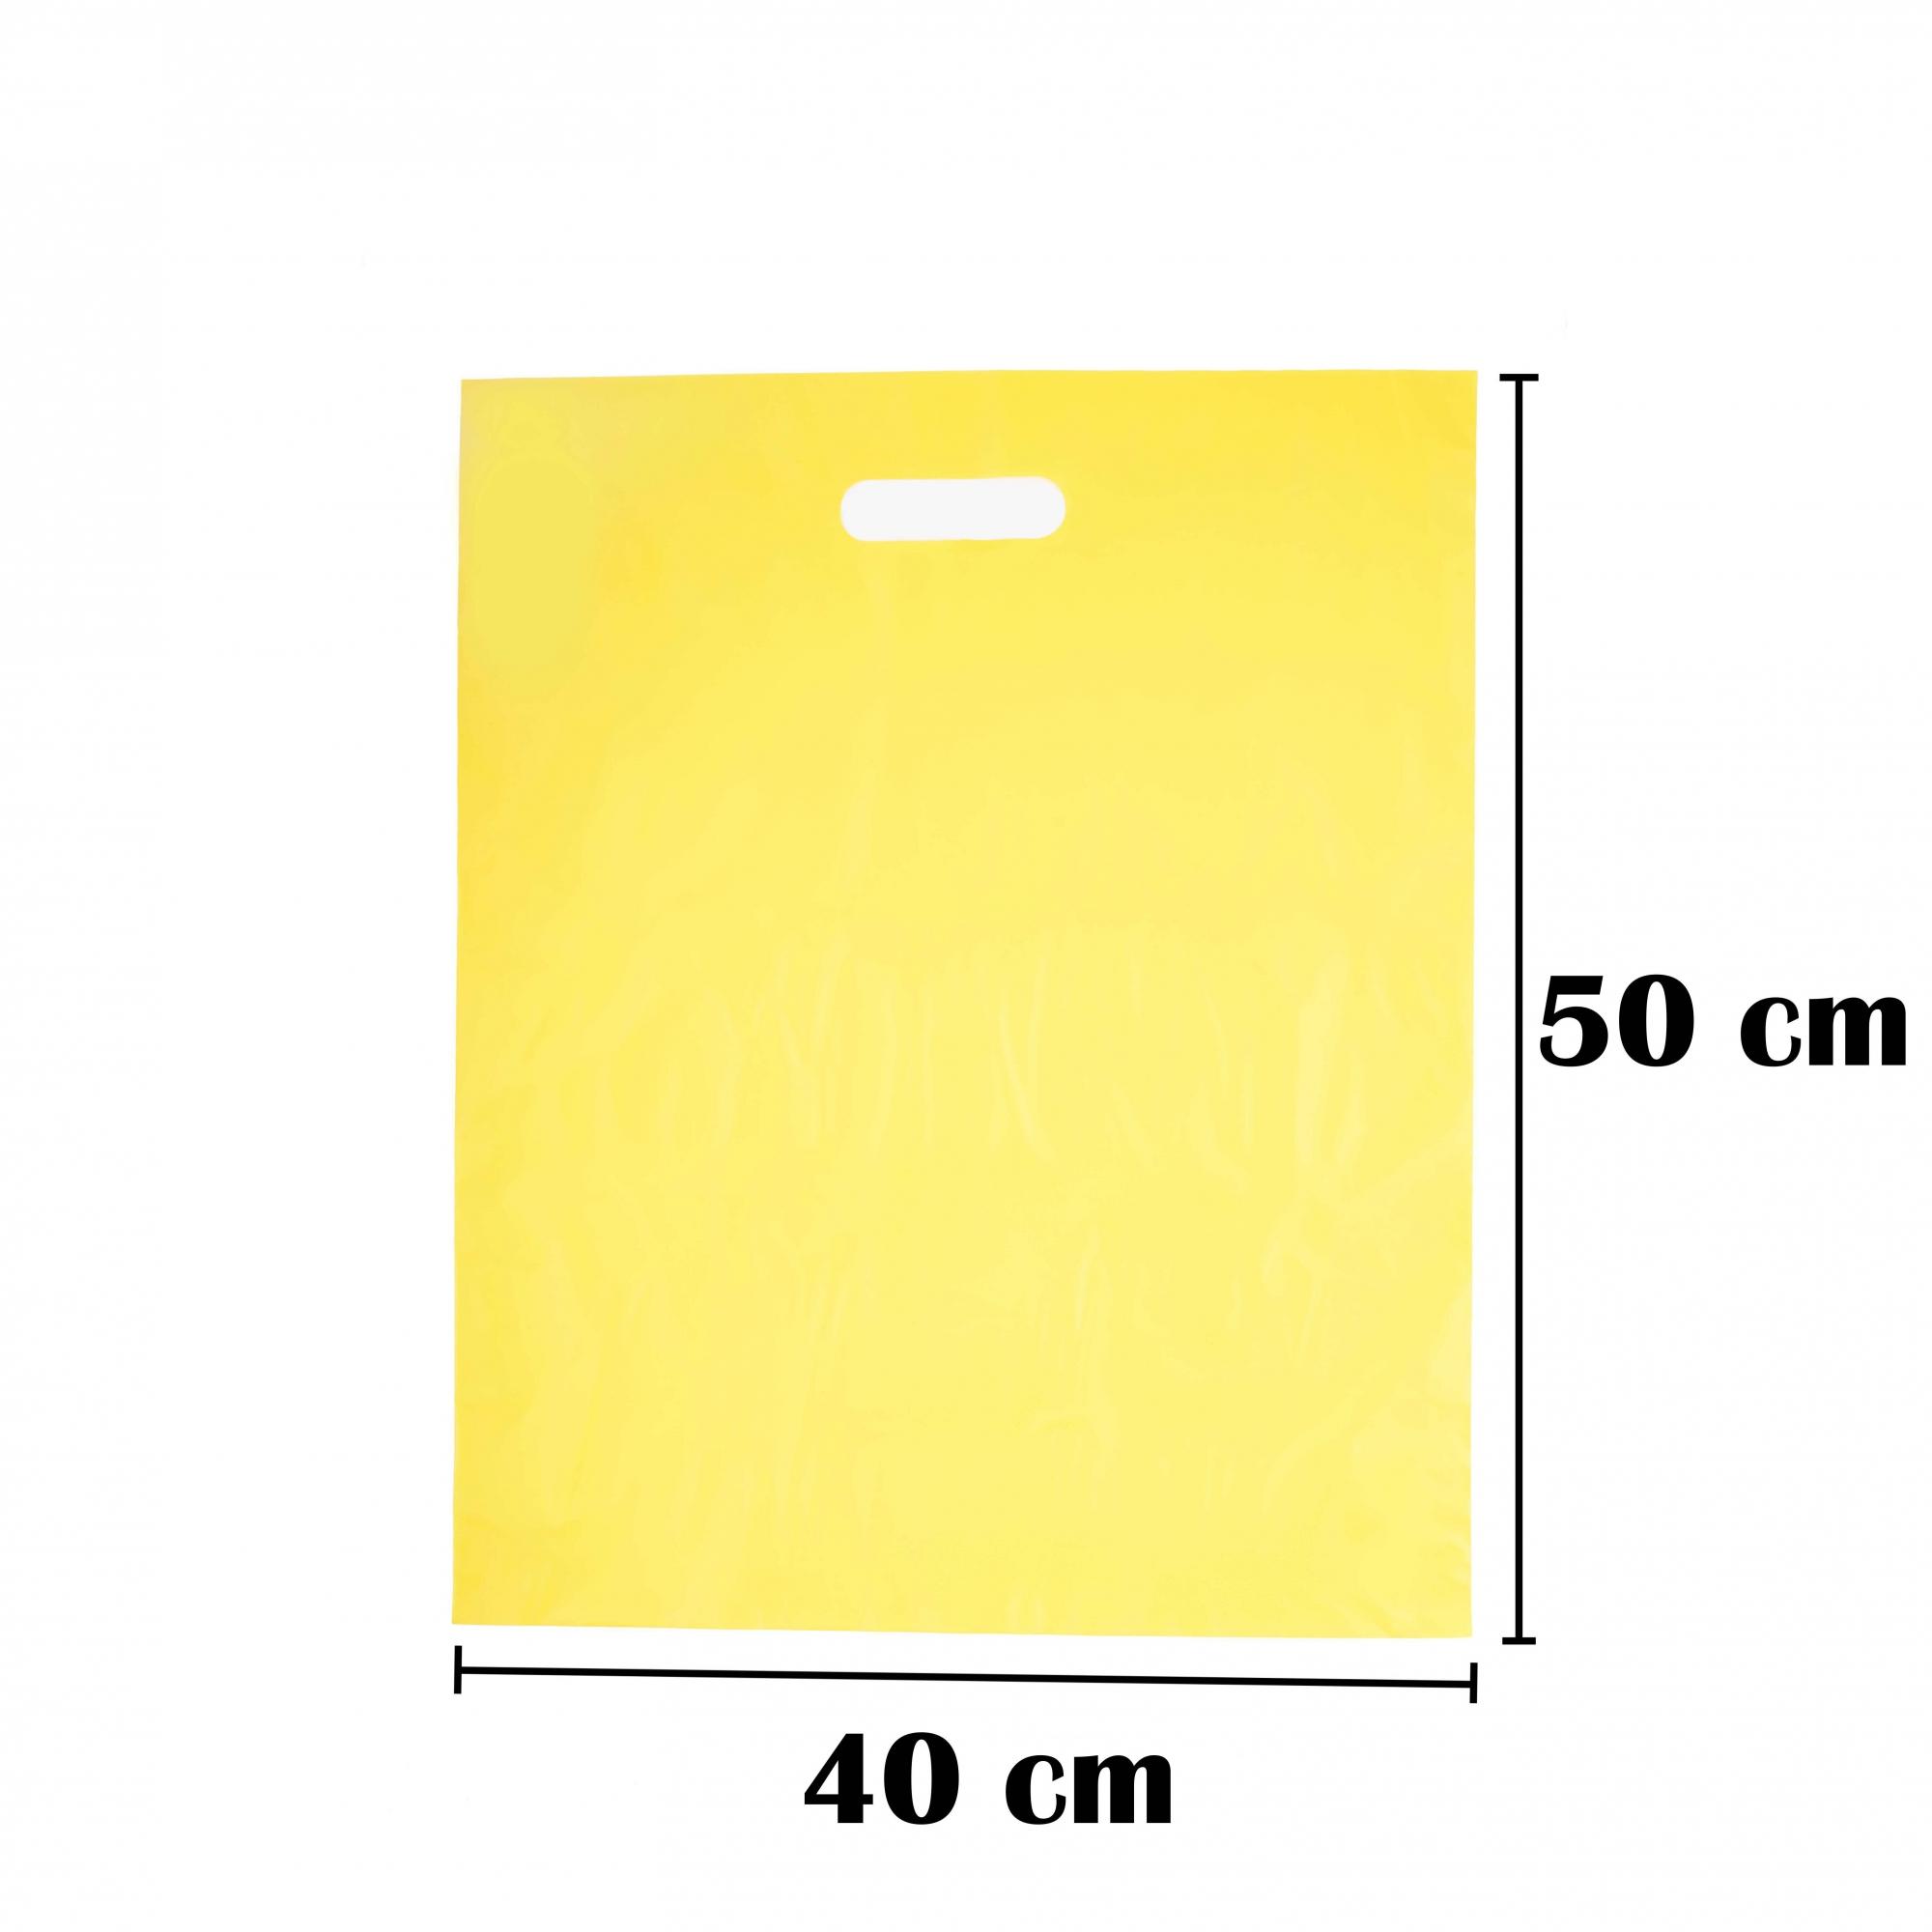 Sacola Plástica 40x50 Amarela Alça Boca de Palhaço 250 Unidades